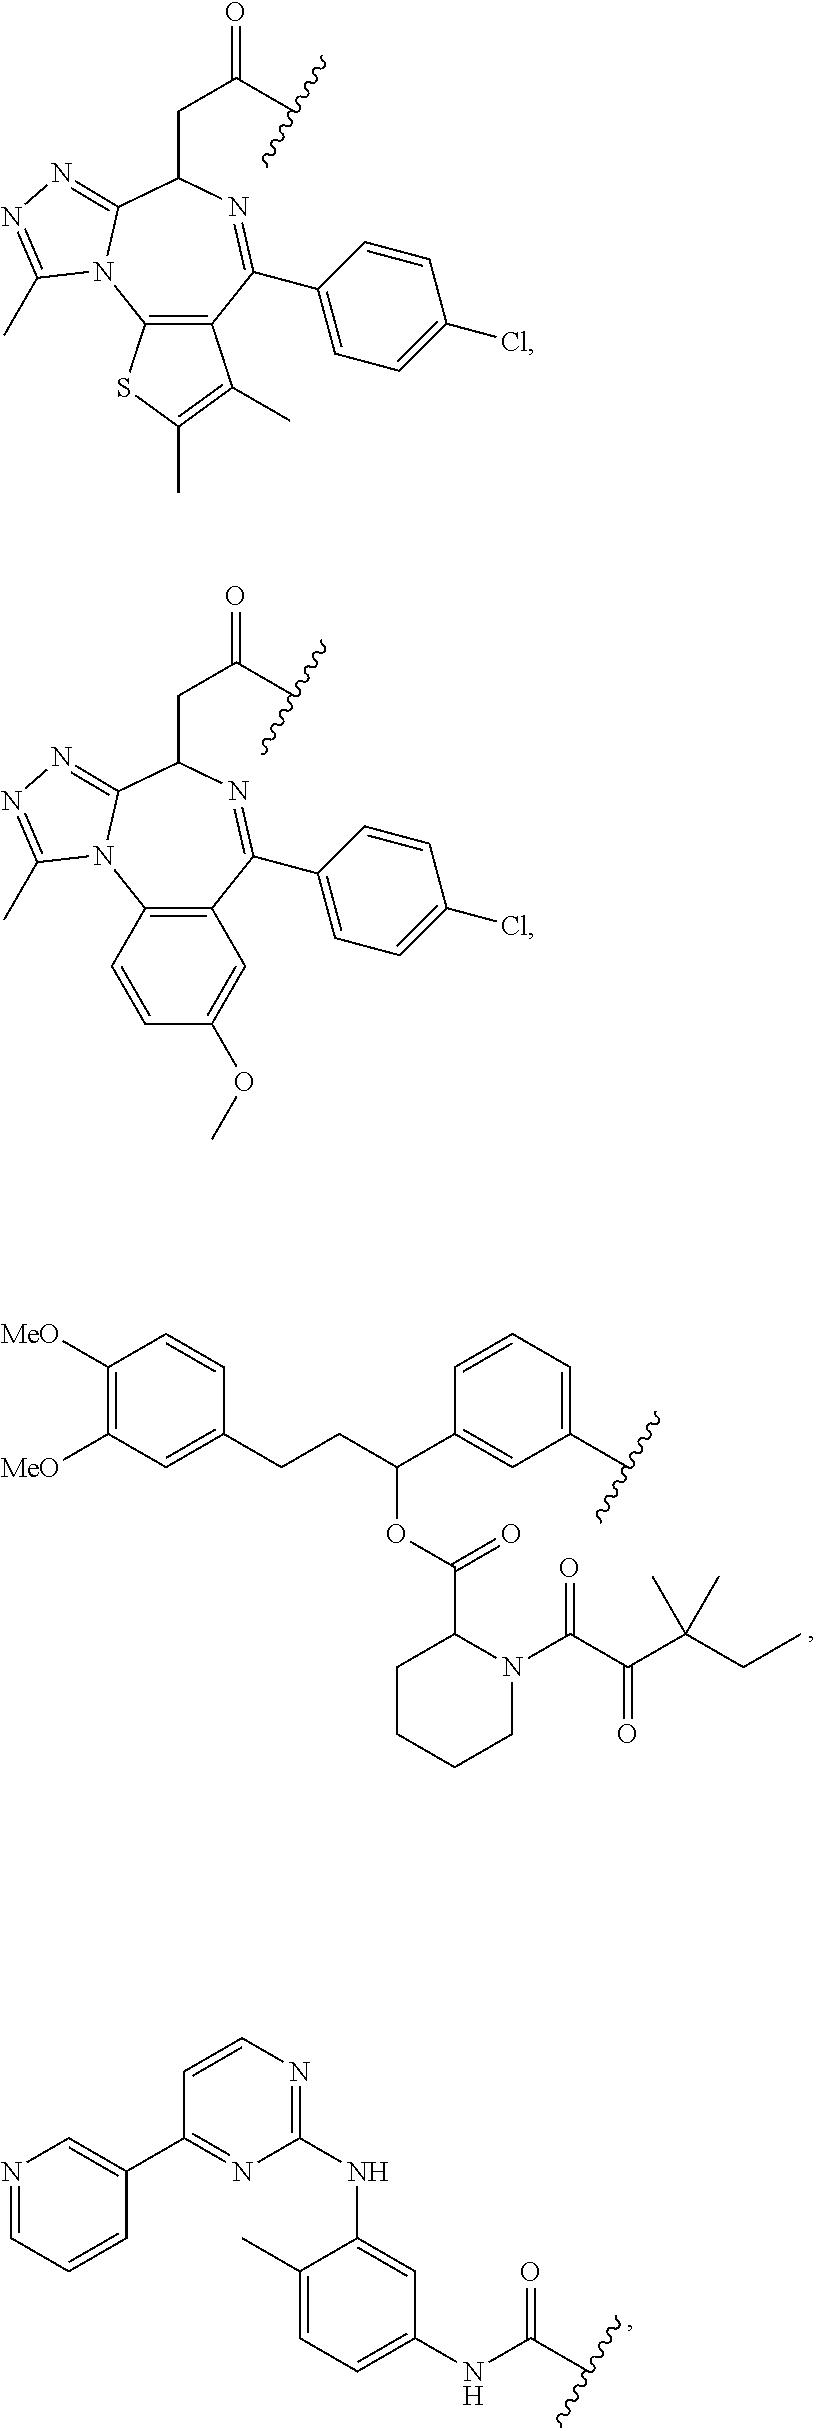 Figure US09809603-20171107-C00015